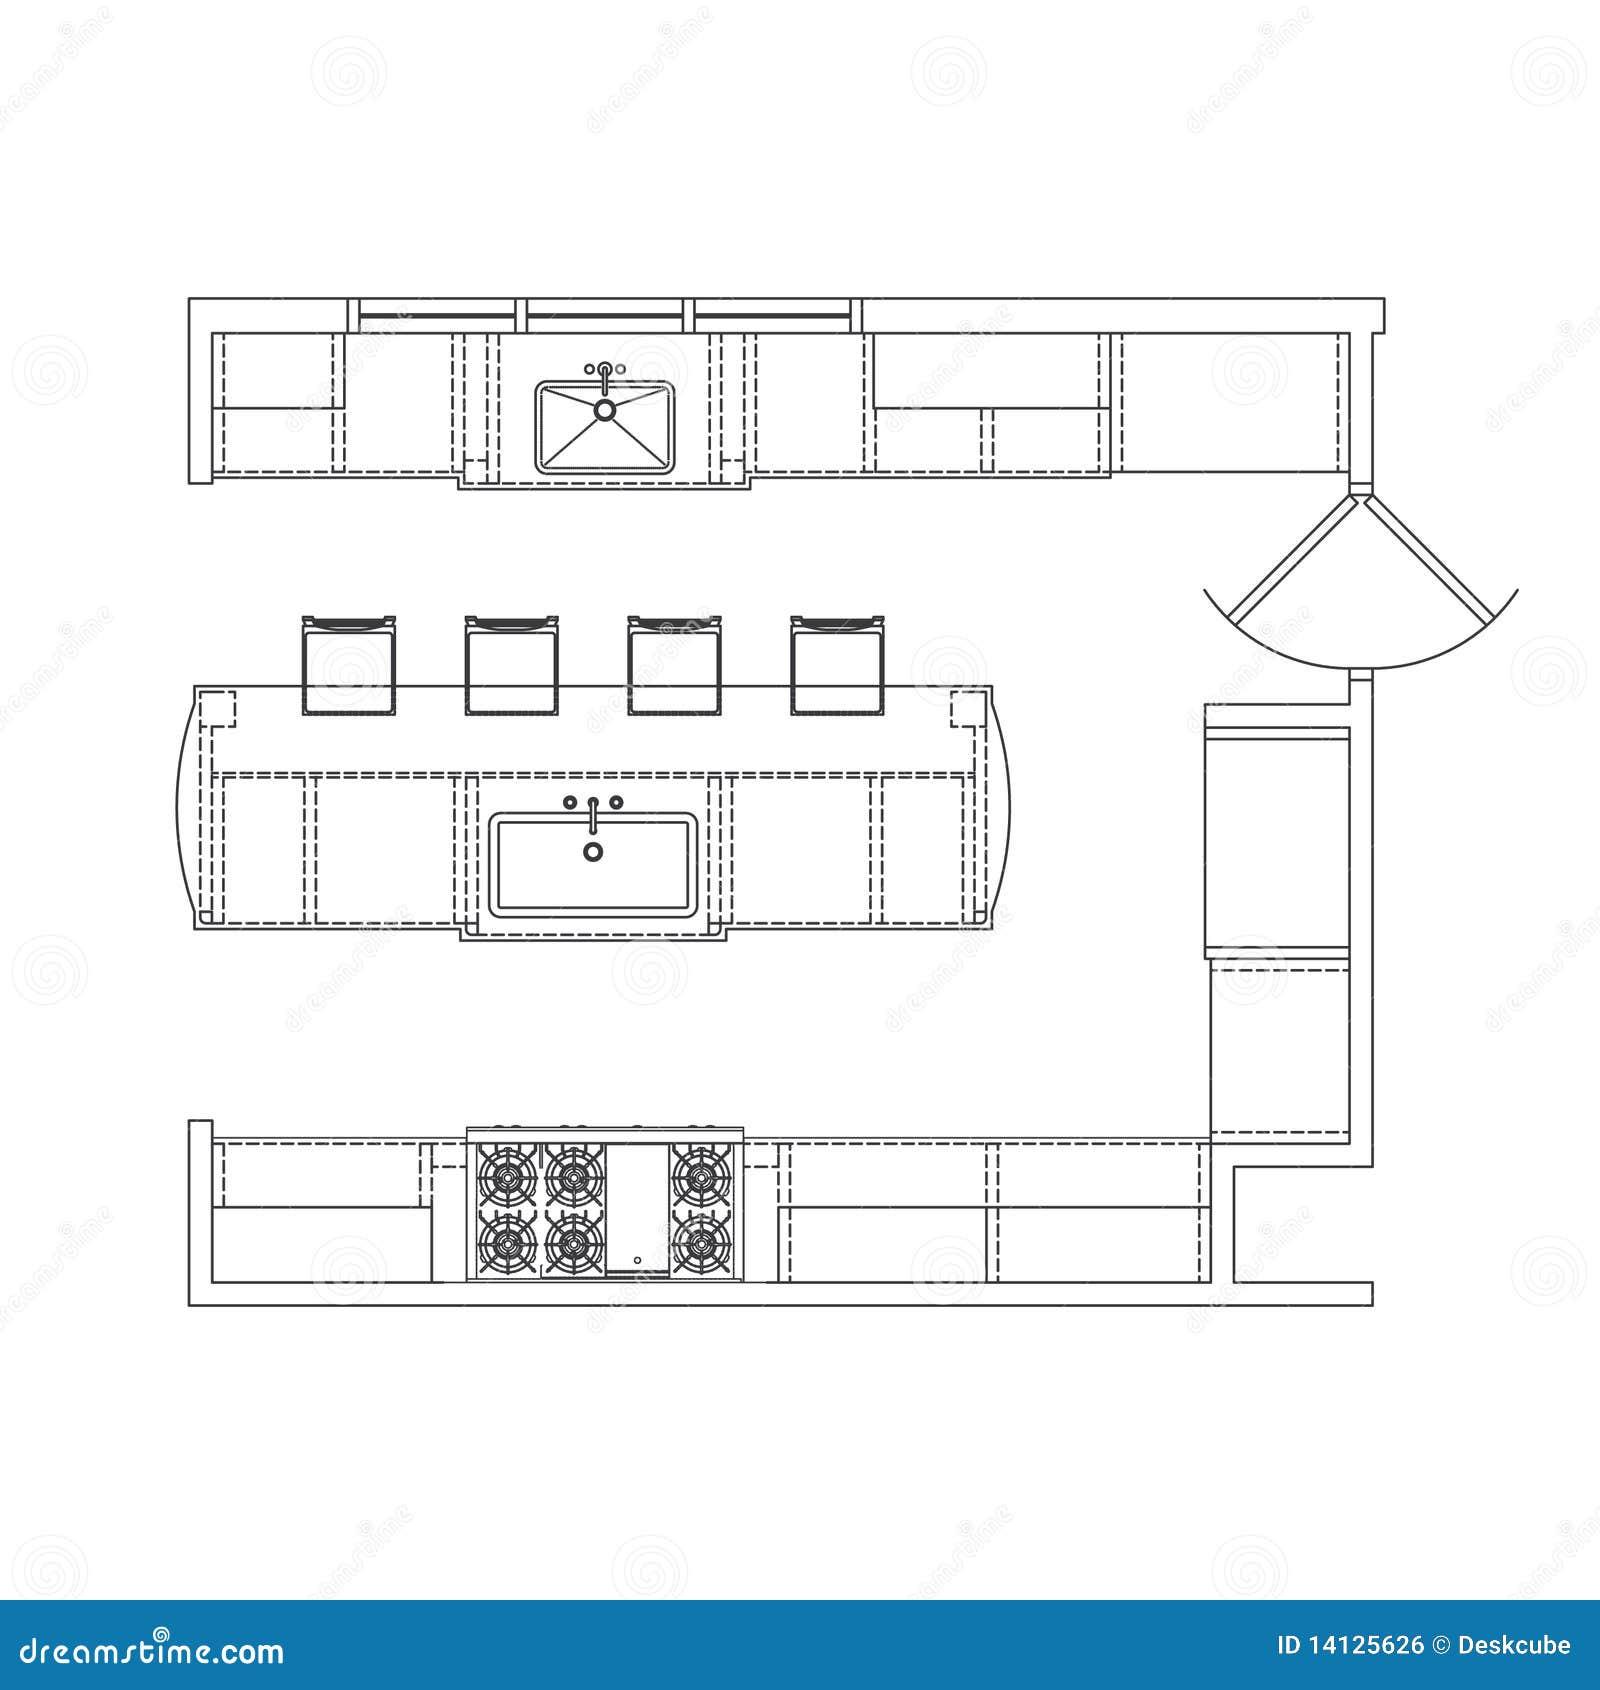 Planta Da Cozinha Imagem de Stock Royalty Free Imagem: 14125626 #84A526 1300 1390